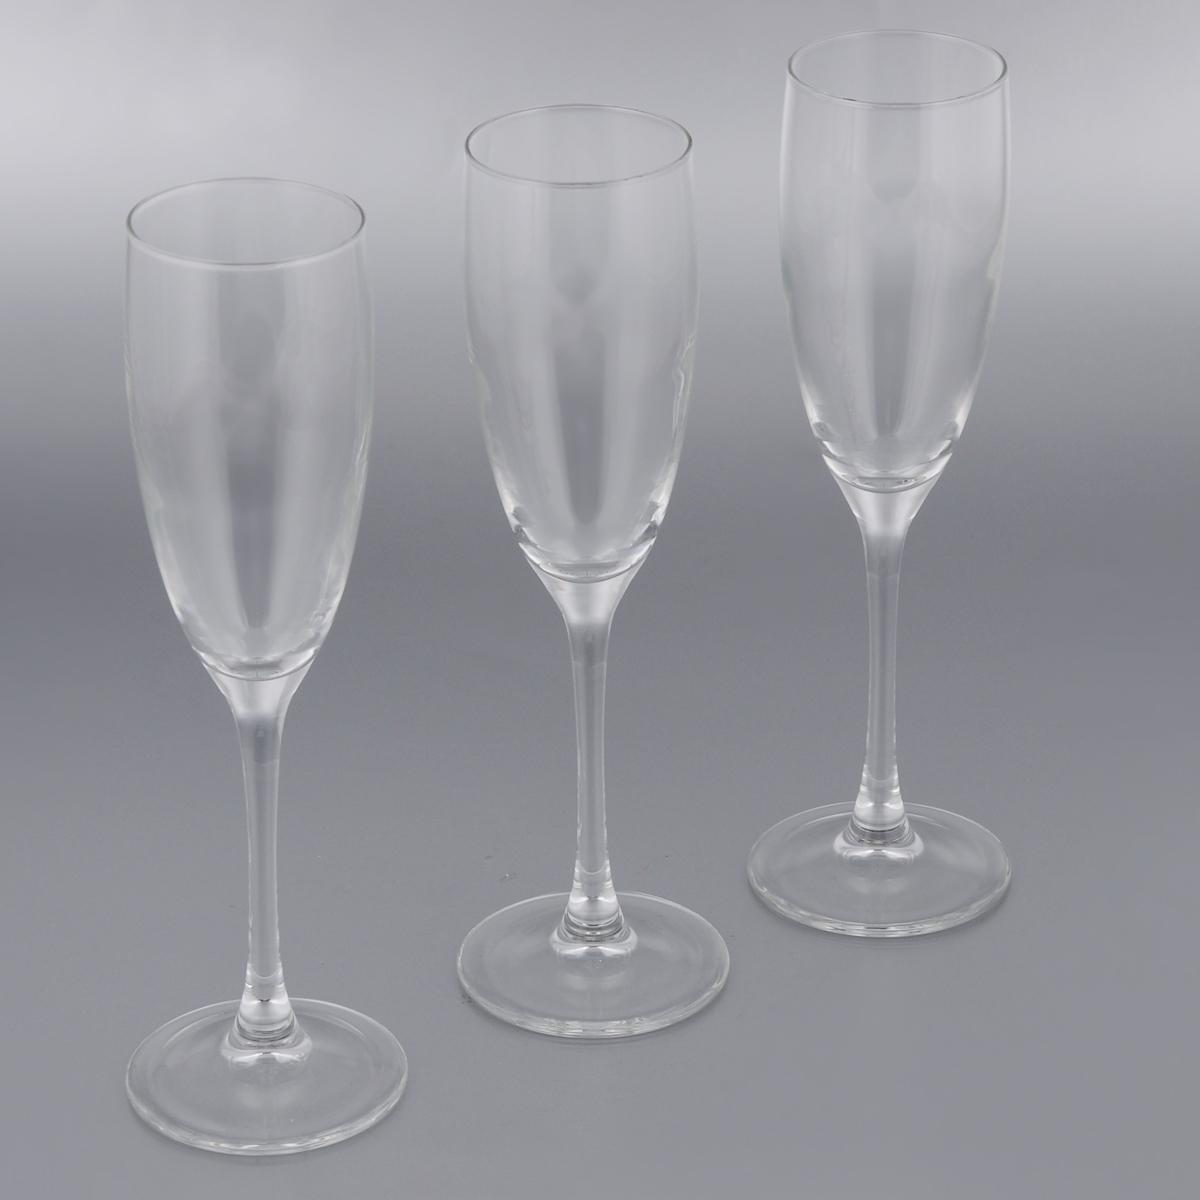 купить Набор фужеров для шампанского Luminarc